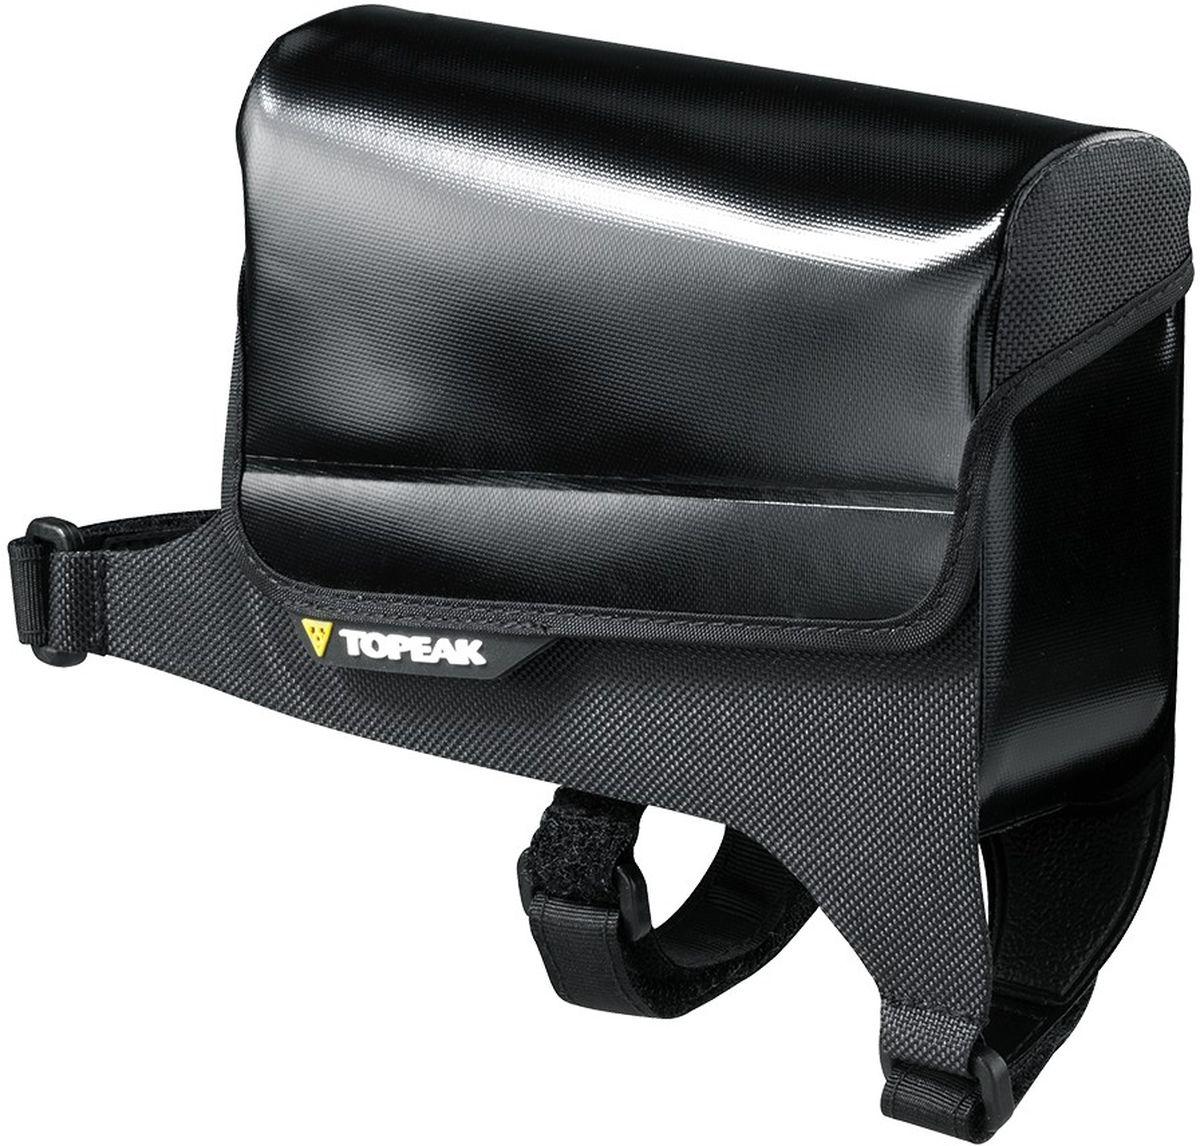 Сумка на верхнюю трубу велосипеда TOPEAK Tri DryBagTT9815BВодонепроницаемая сумка Topeak Tri DryBag быстро устанавливается на верхнюю трубу рамы, обеспечивая быстрый и легкий доступ к необходимым в поездке мелочам. Крепление: на липучках сверху на раму велосипеда. Размер: 14,5 x 4,7 x 12,8 см. Вес: 65 г. Цвет: черный.